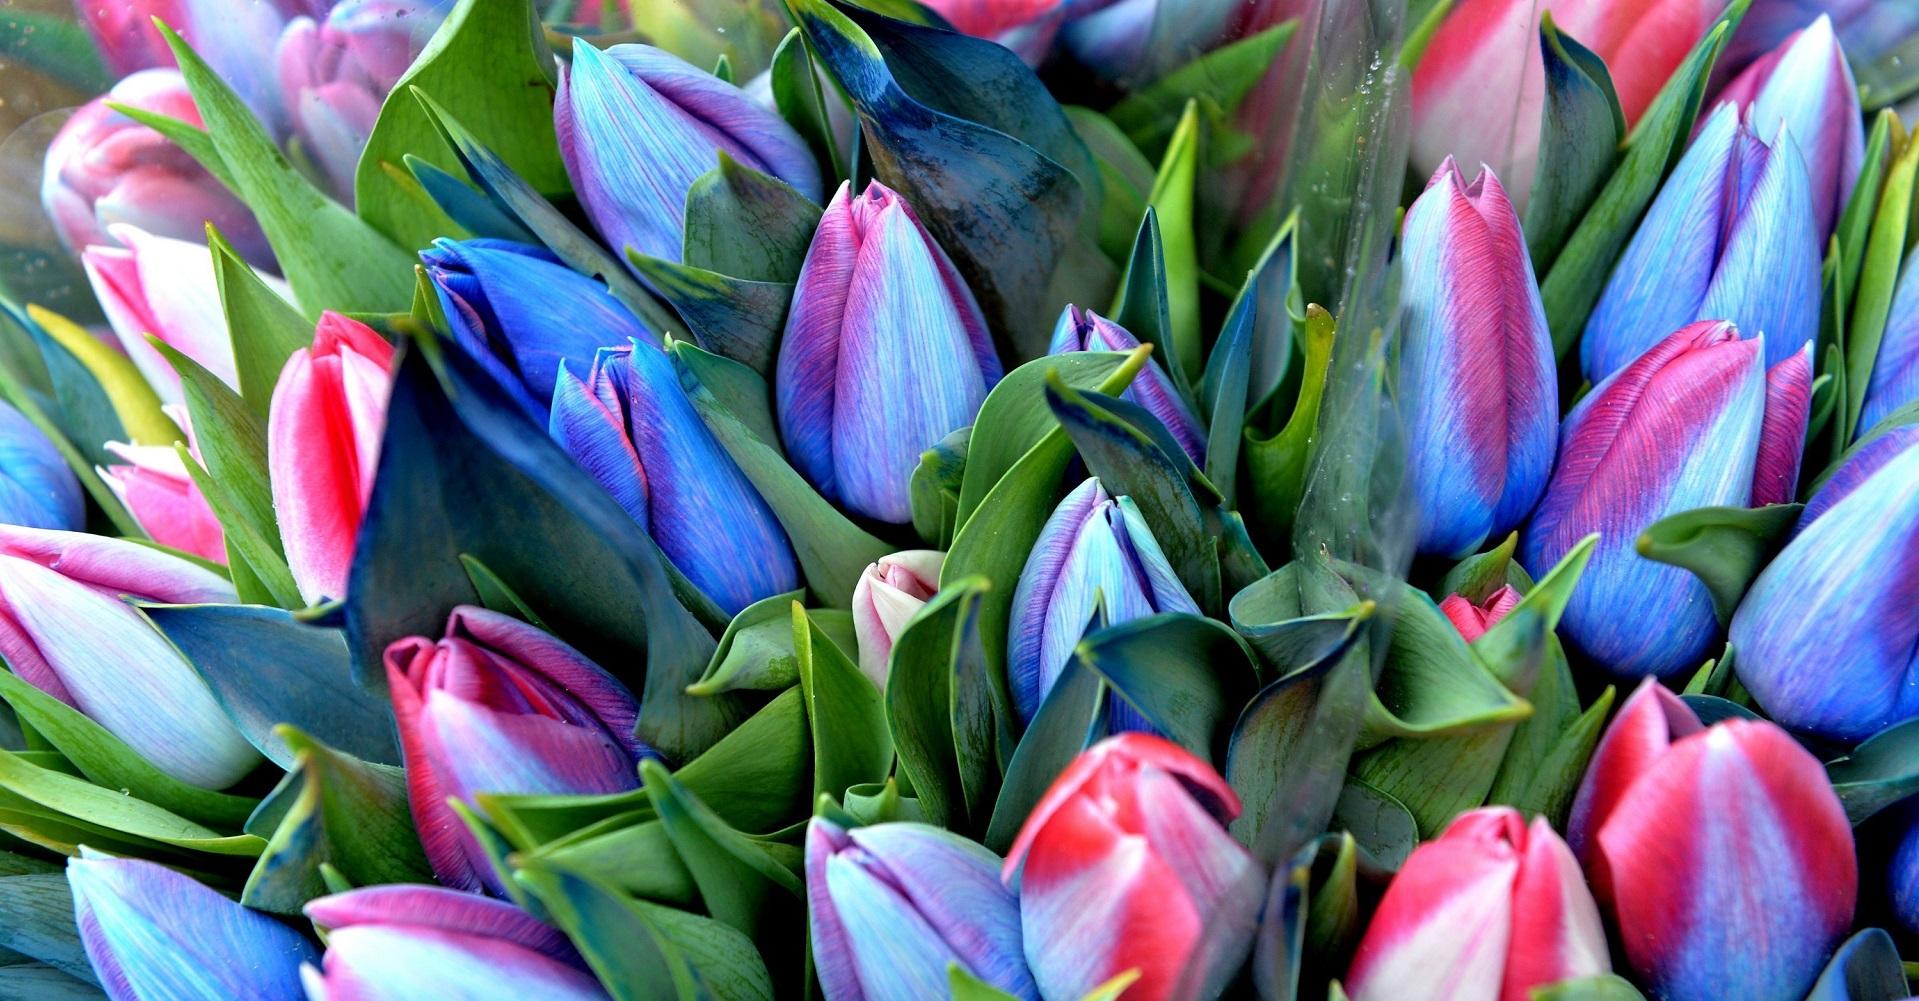 Выращиваем и продаем тюльпаны для Вас!